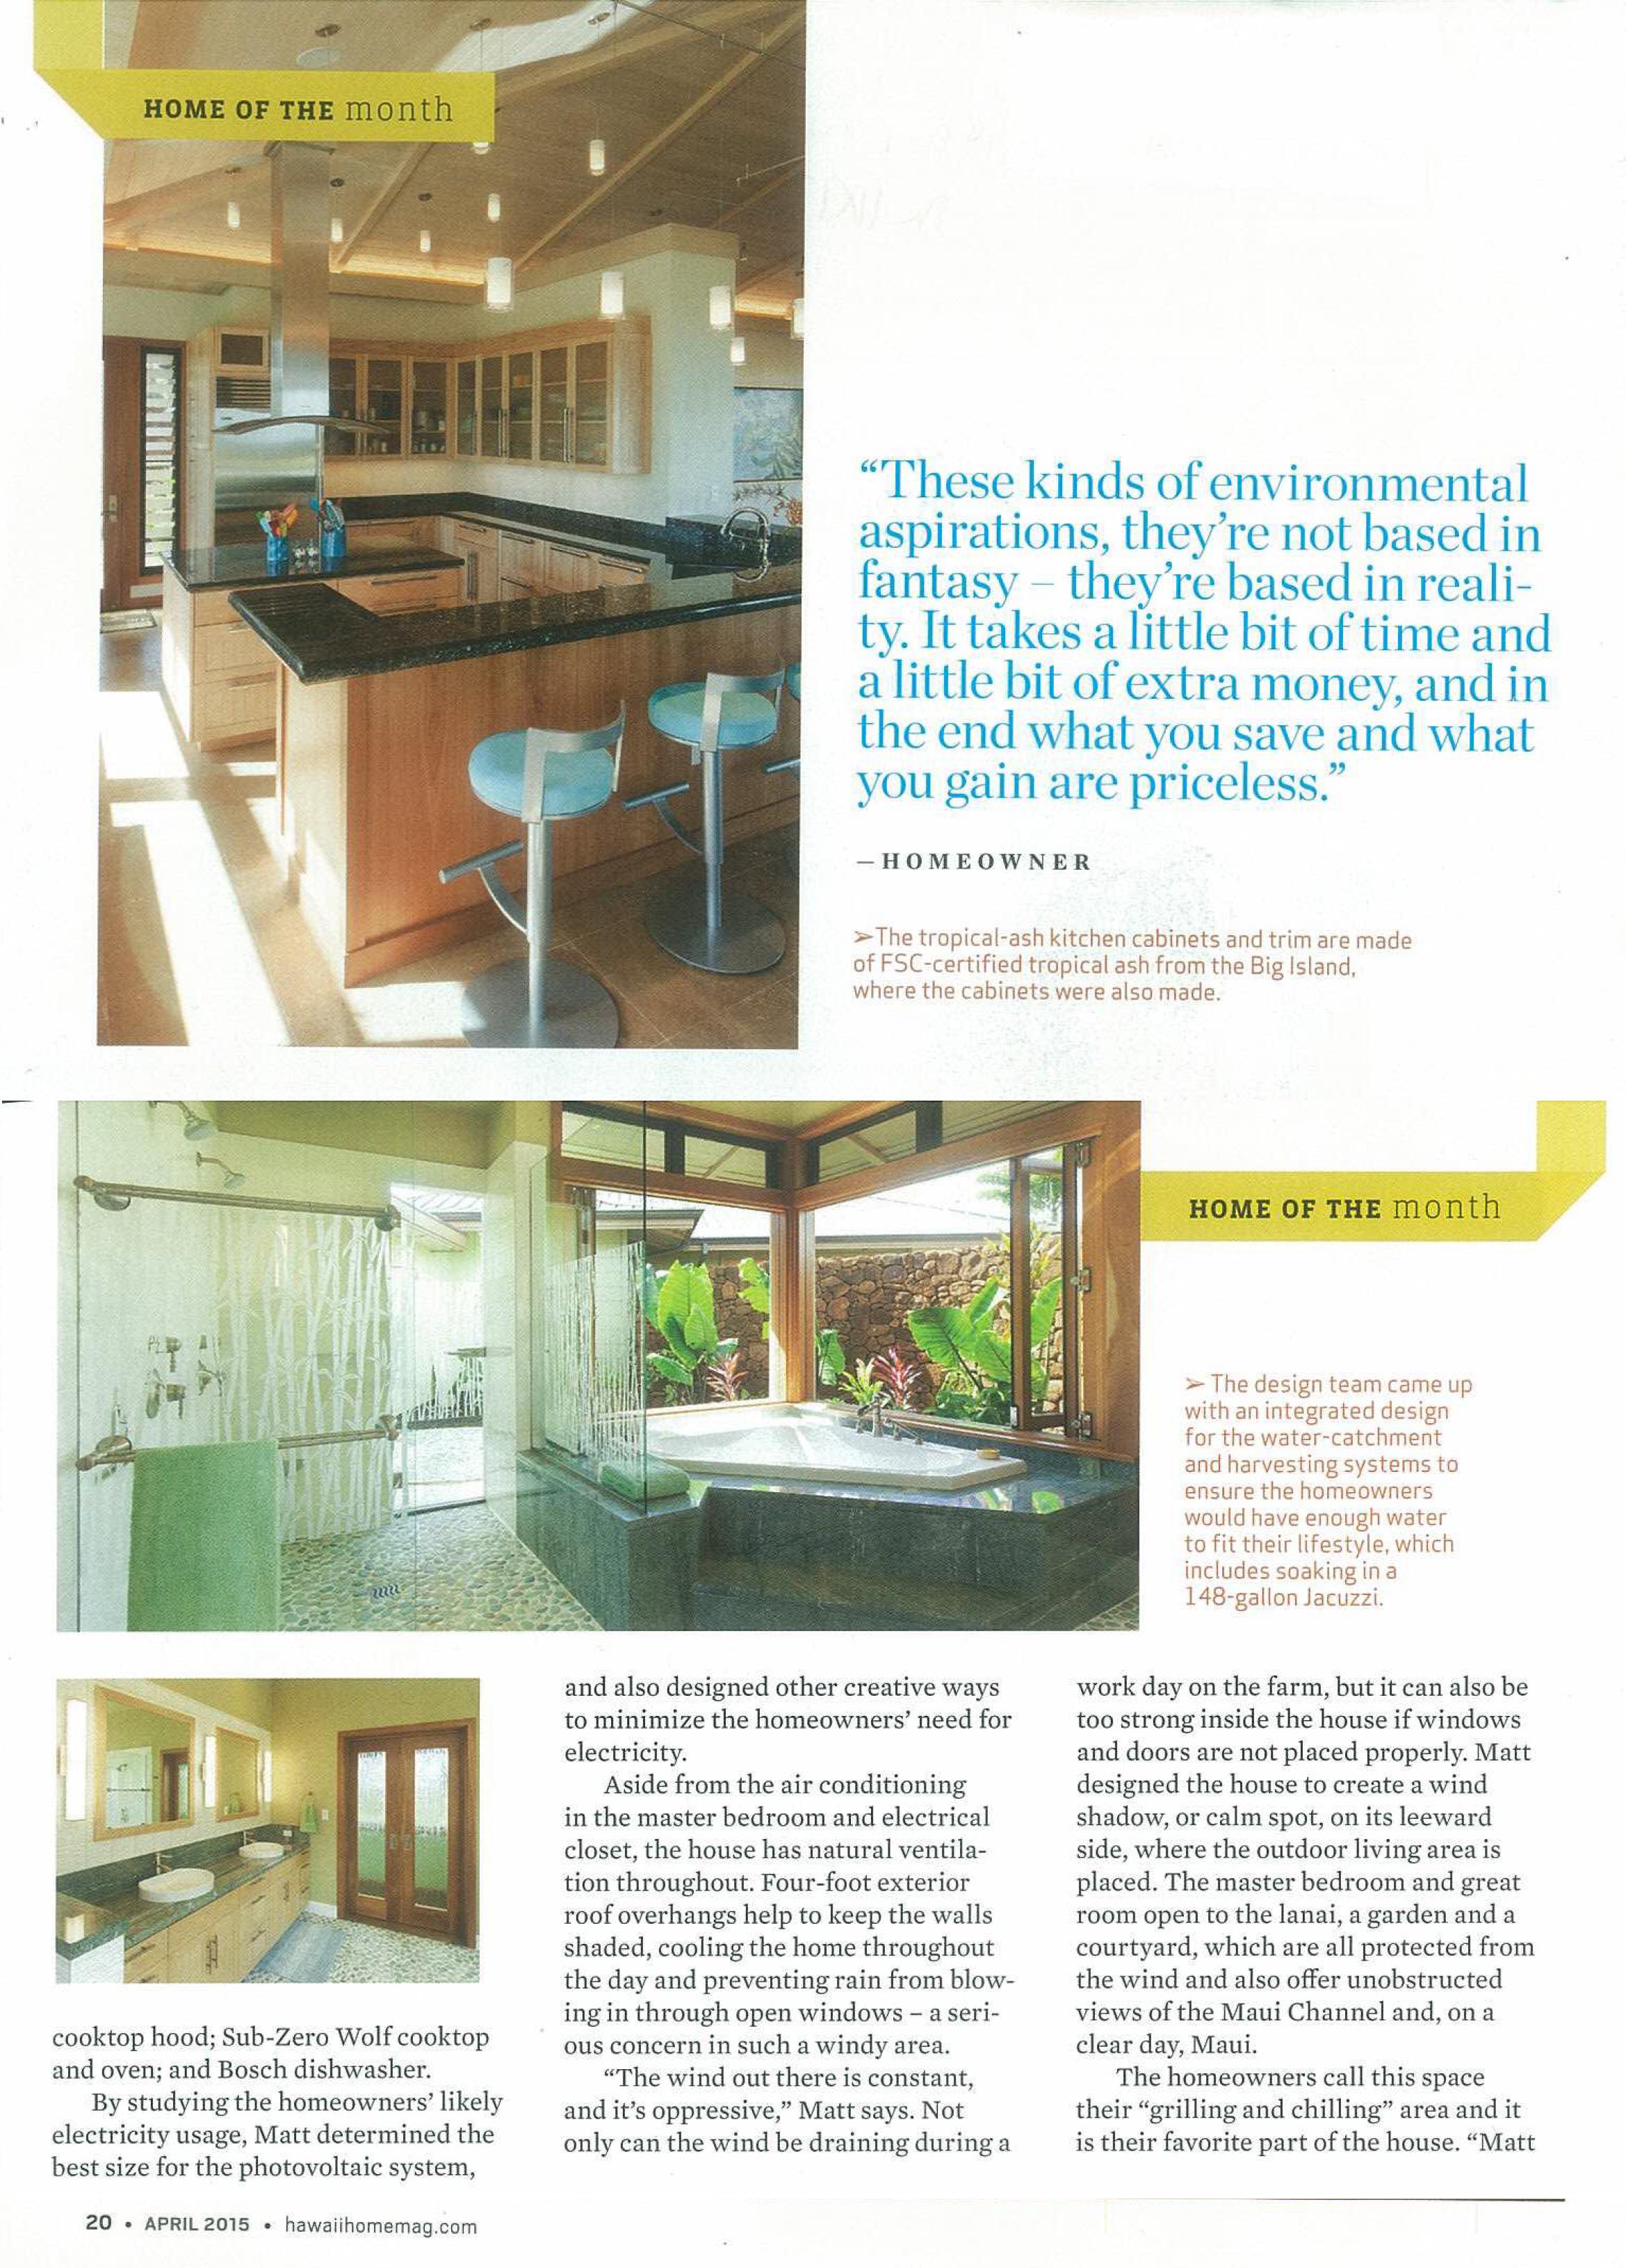 HHR Article Pa Ka Makani Farm_040115-3.jpg